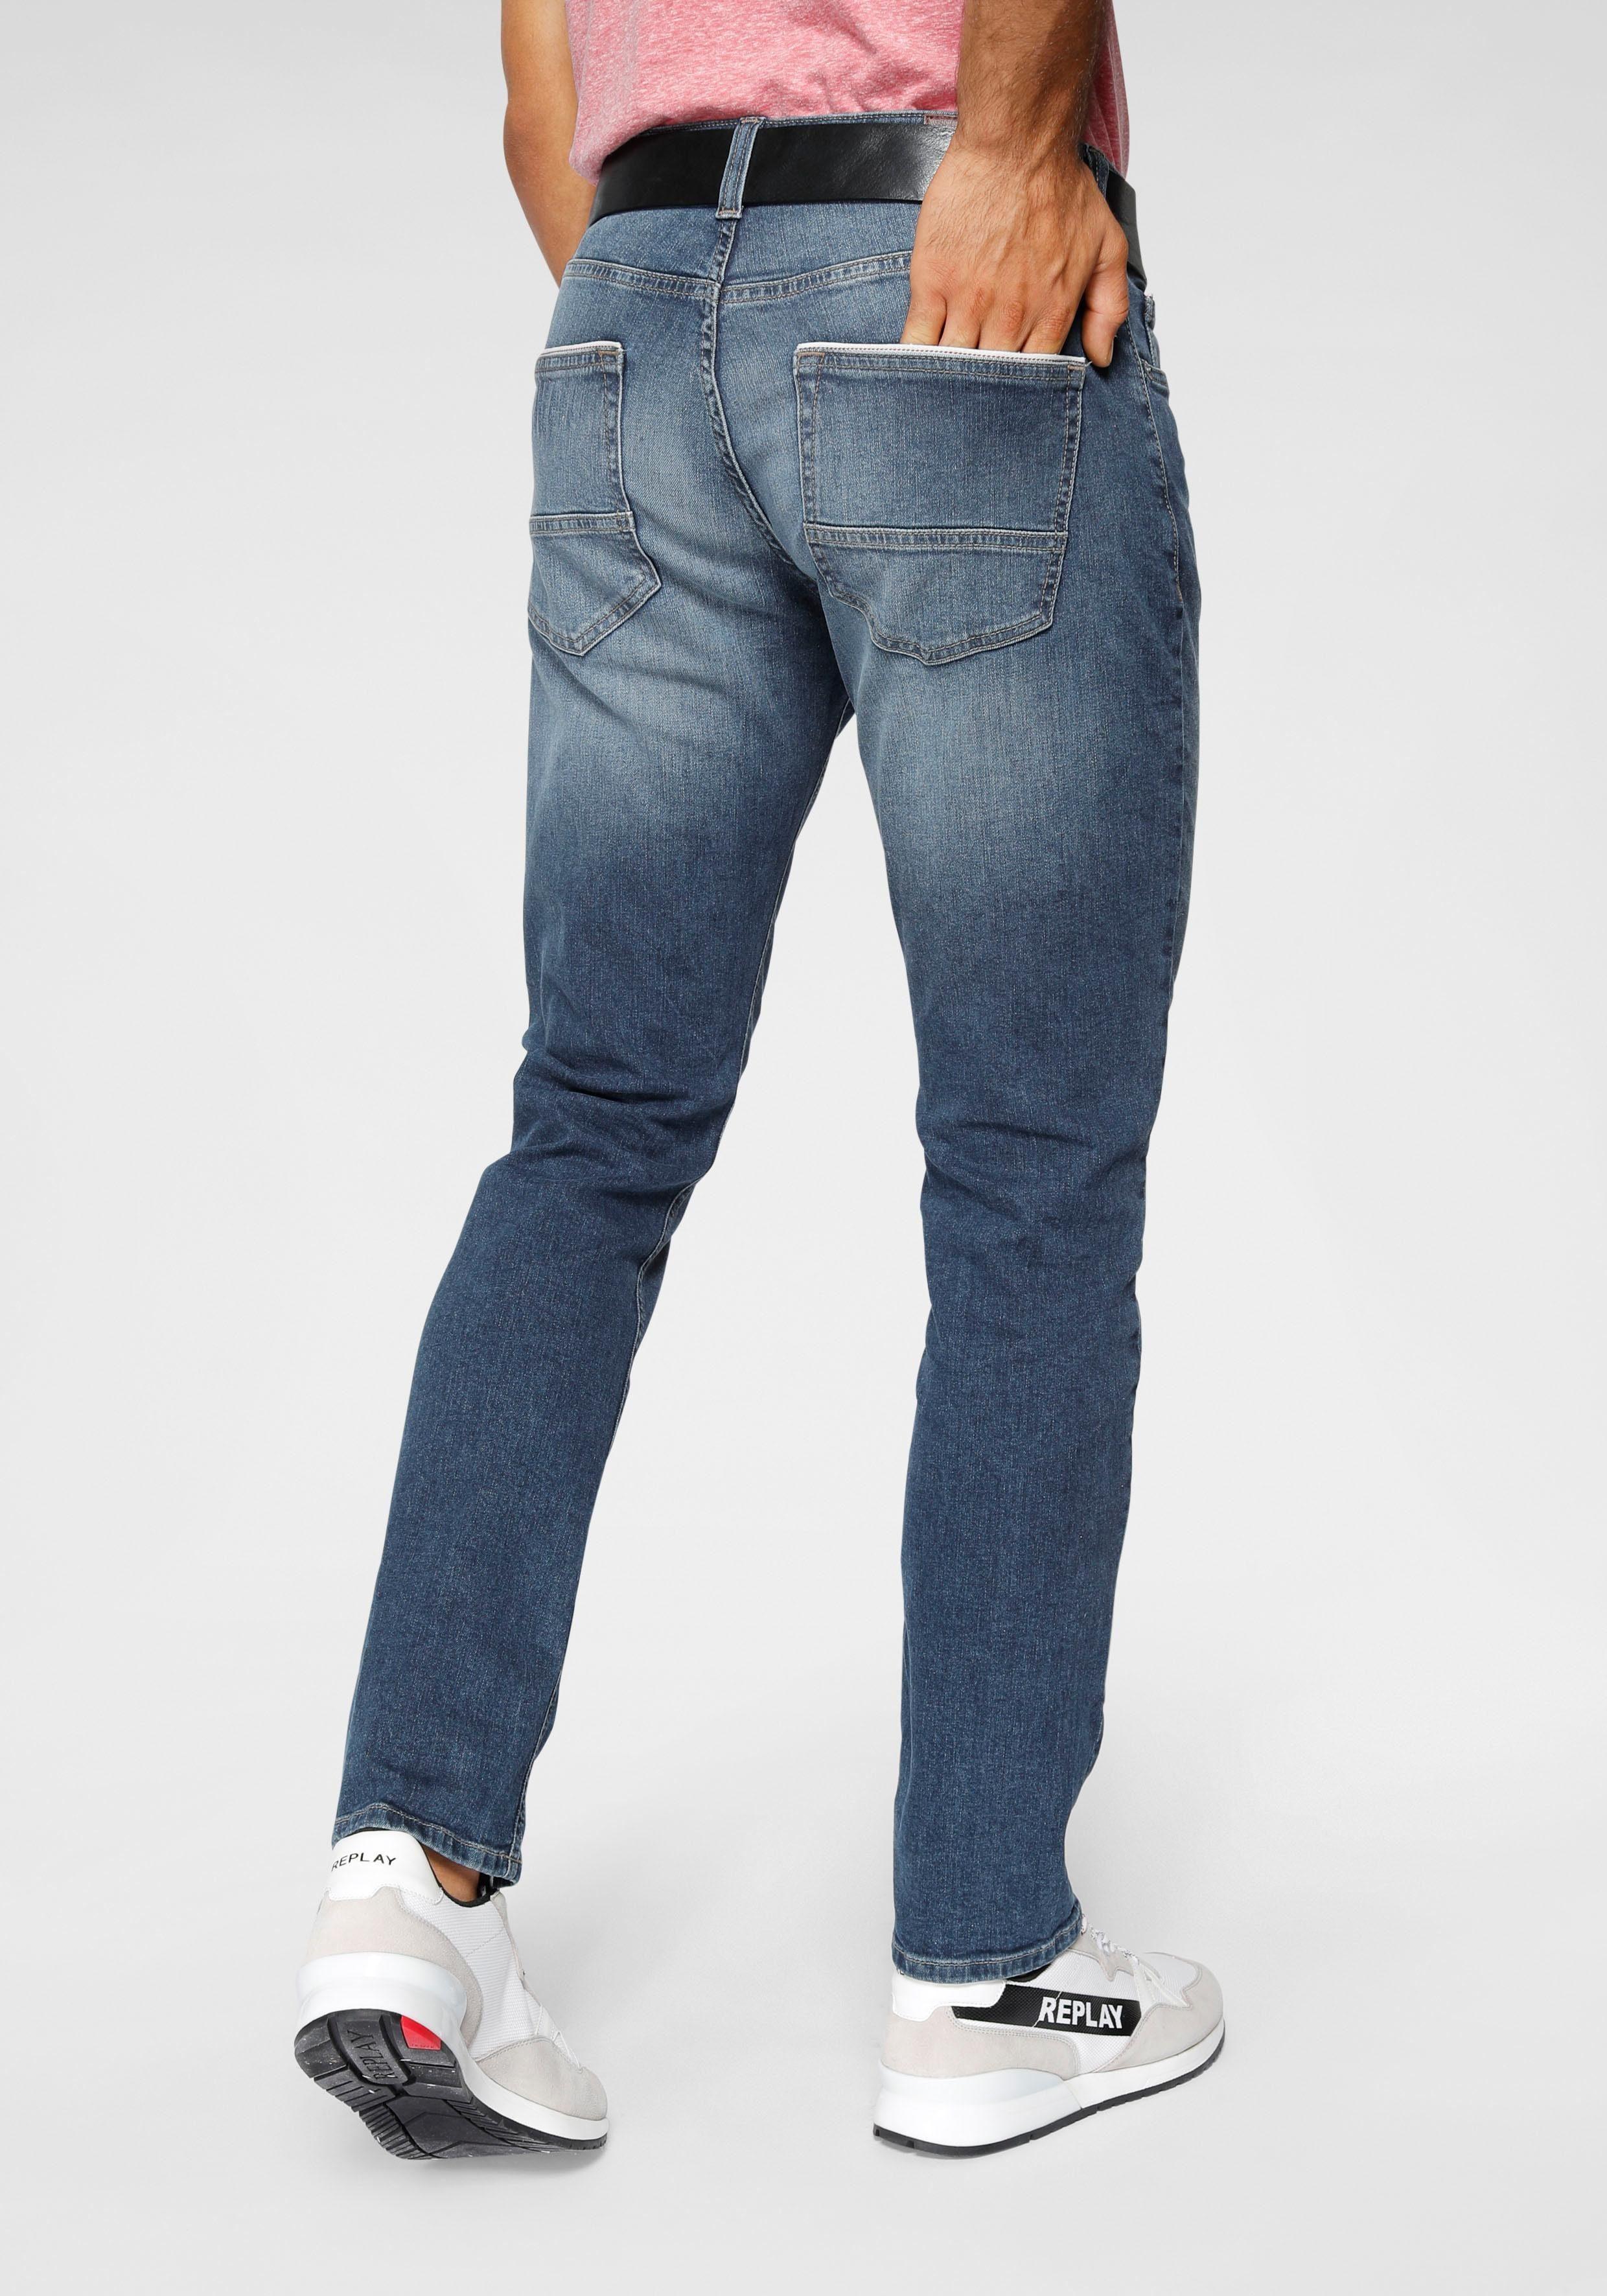 Image of Bruno Banani Comfort-fit-Jeans »Greg«